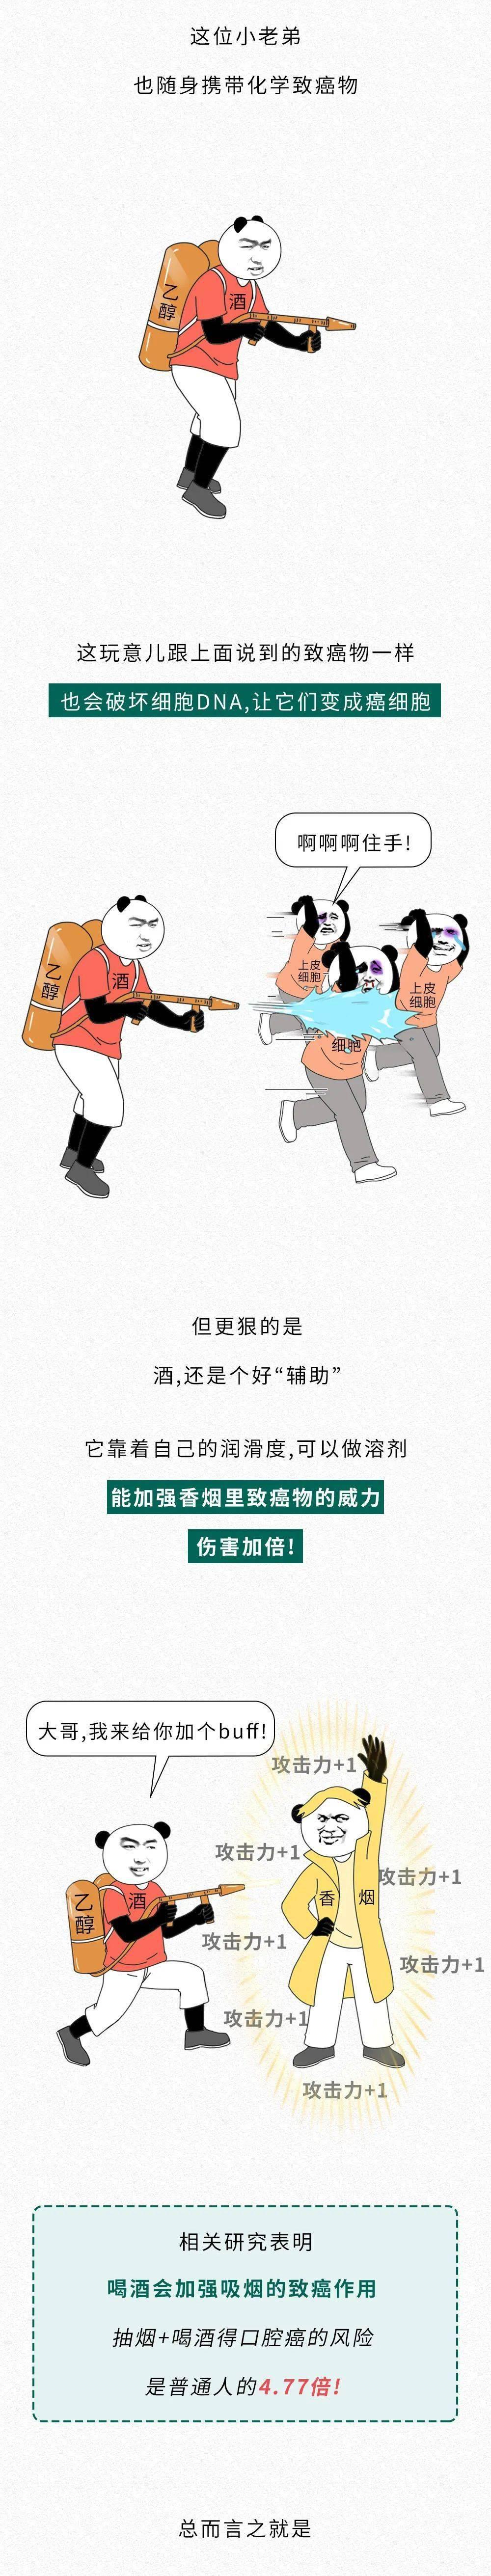 星辉开户-首页【1.1.6】